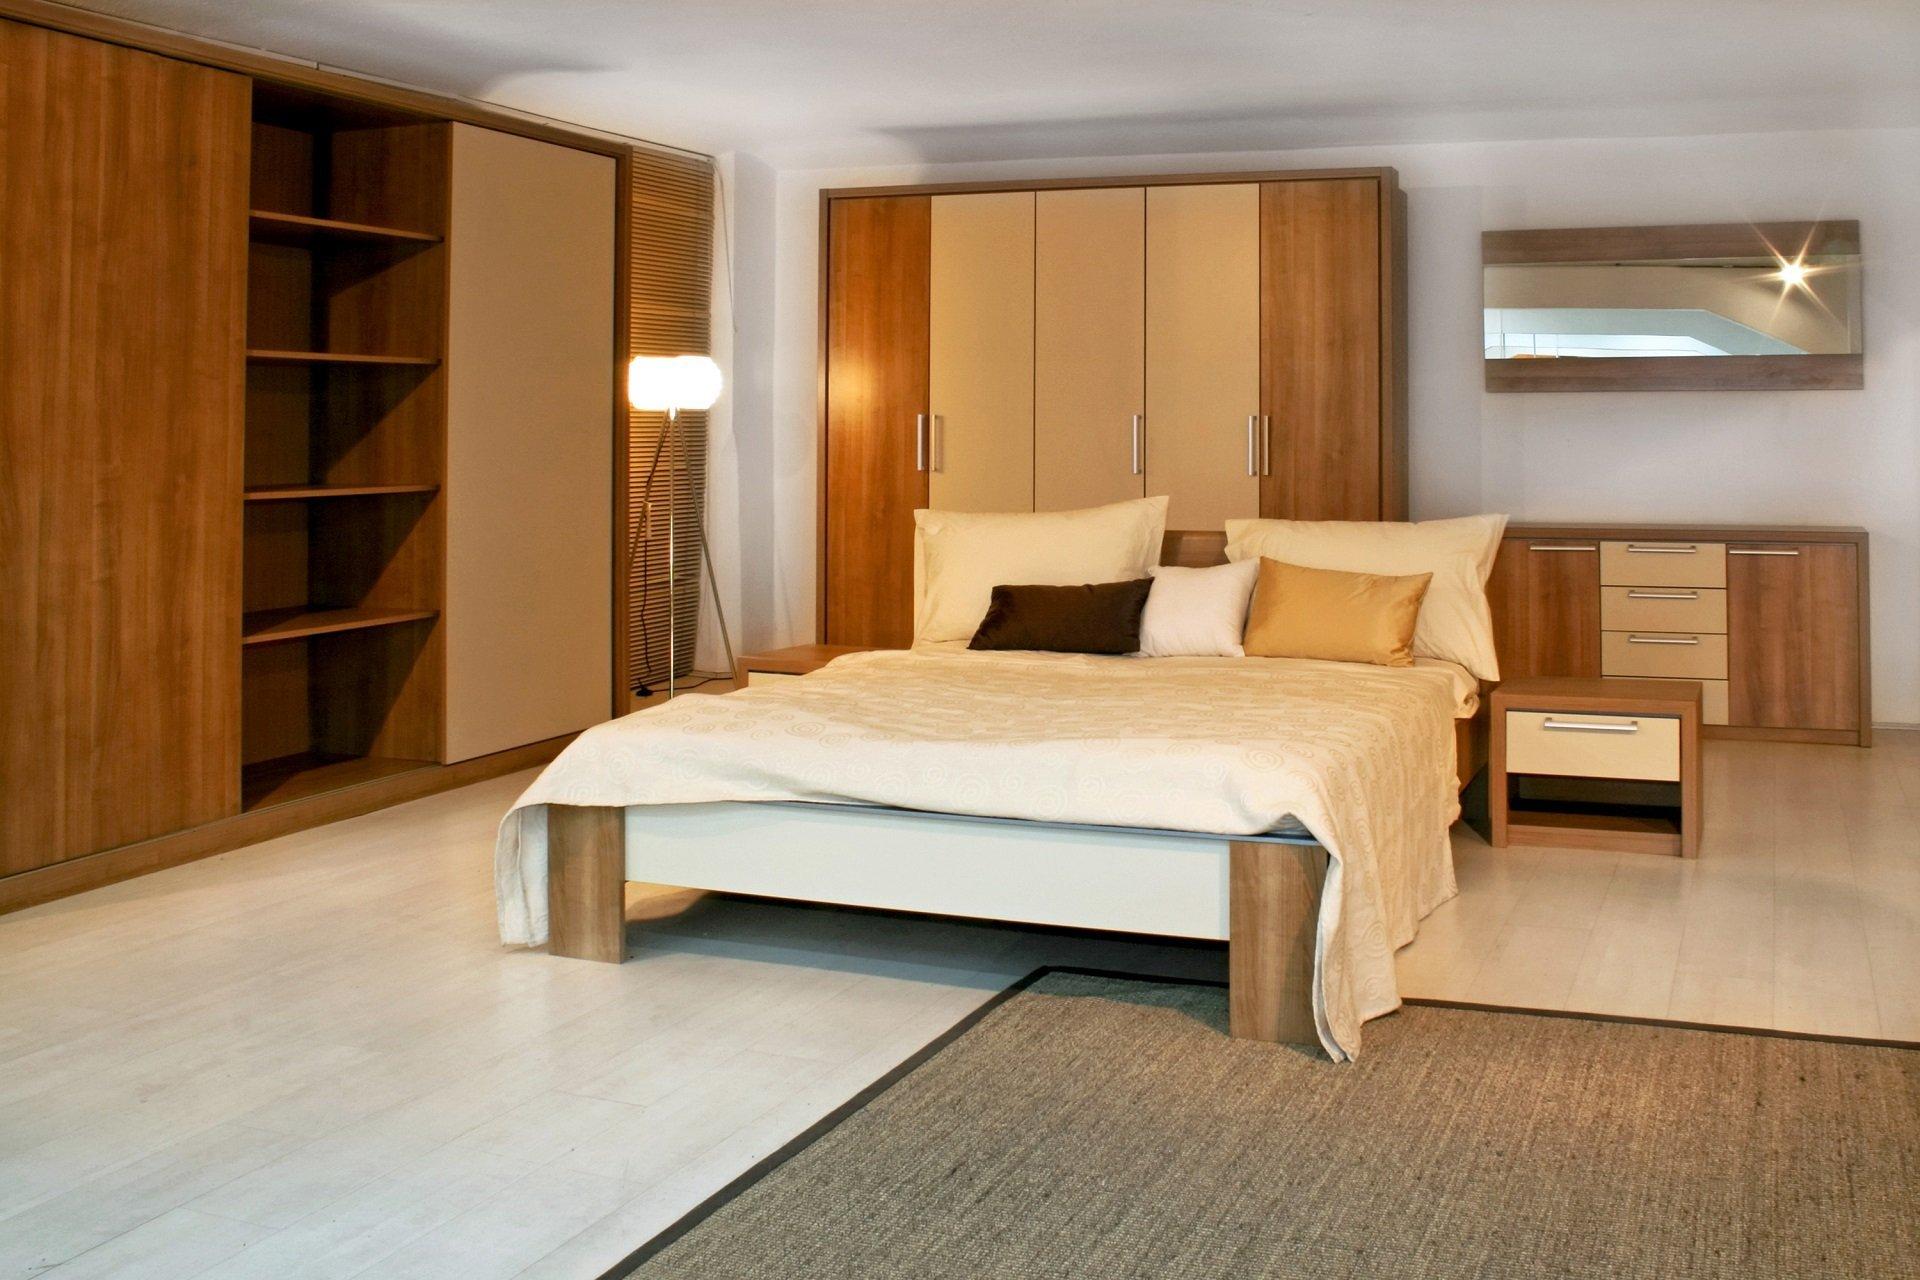 camera da letto con mobili in legno